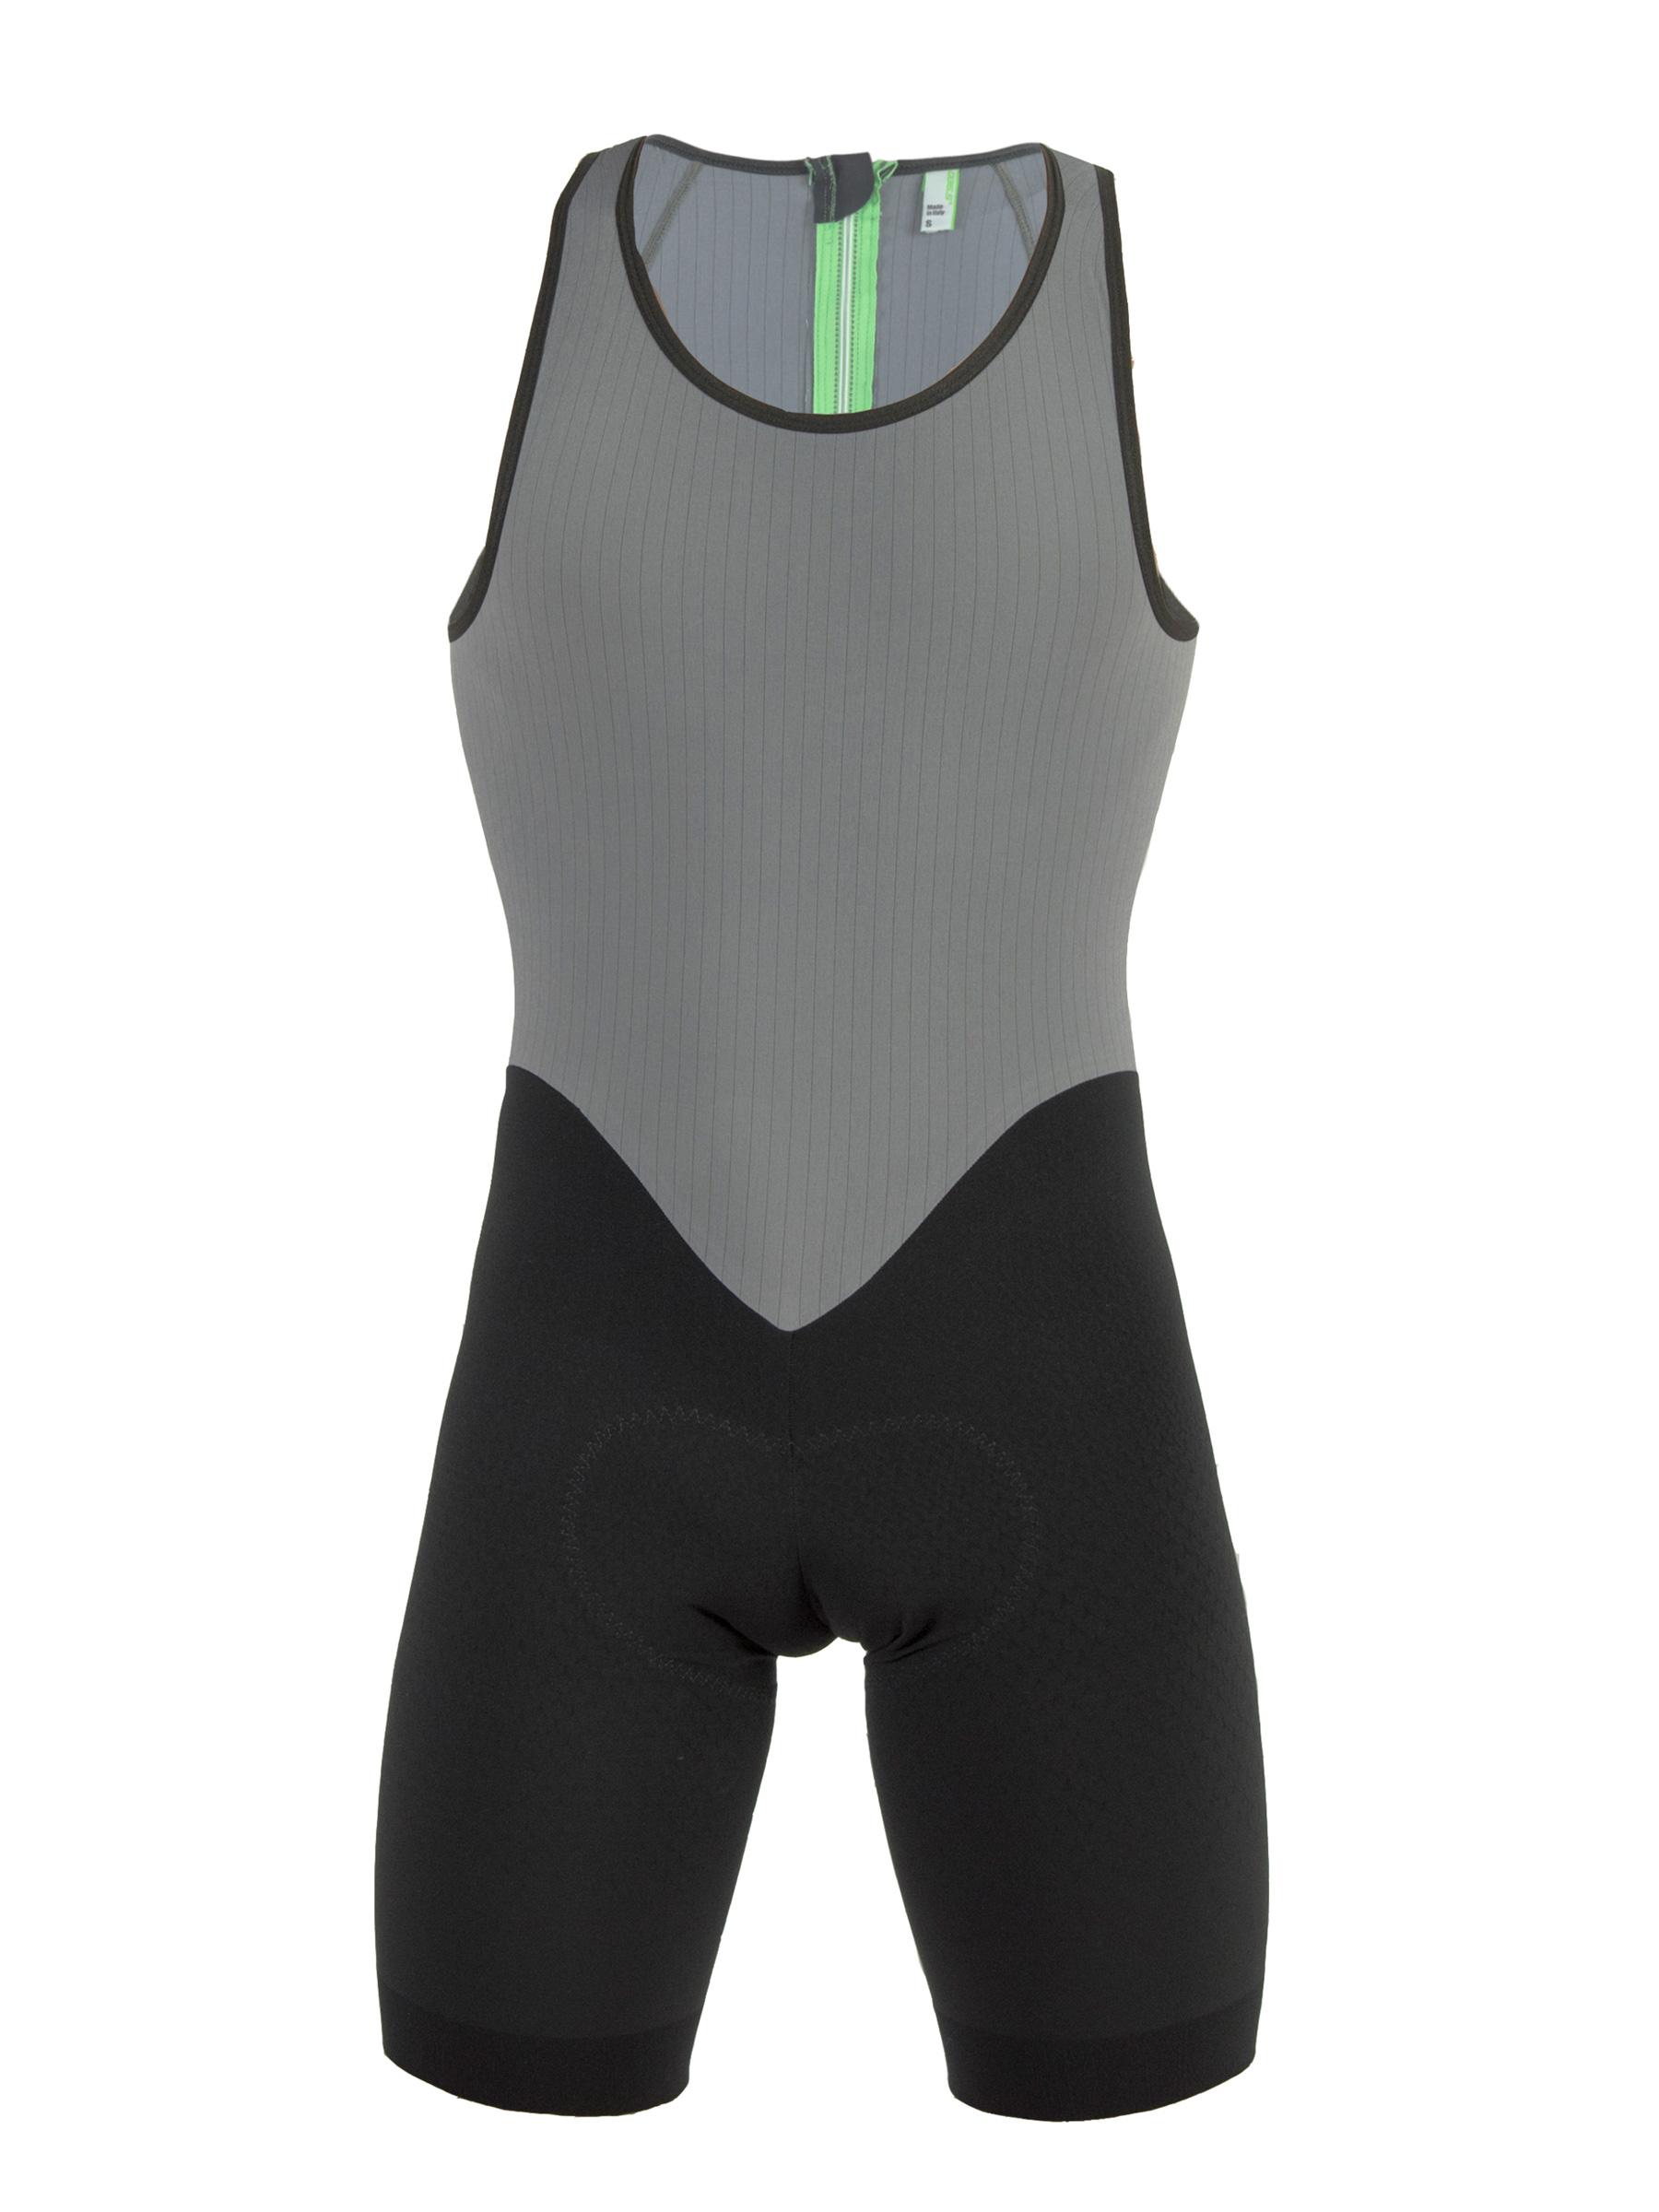 cycling triathlon skinsuit for men